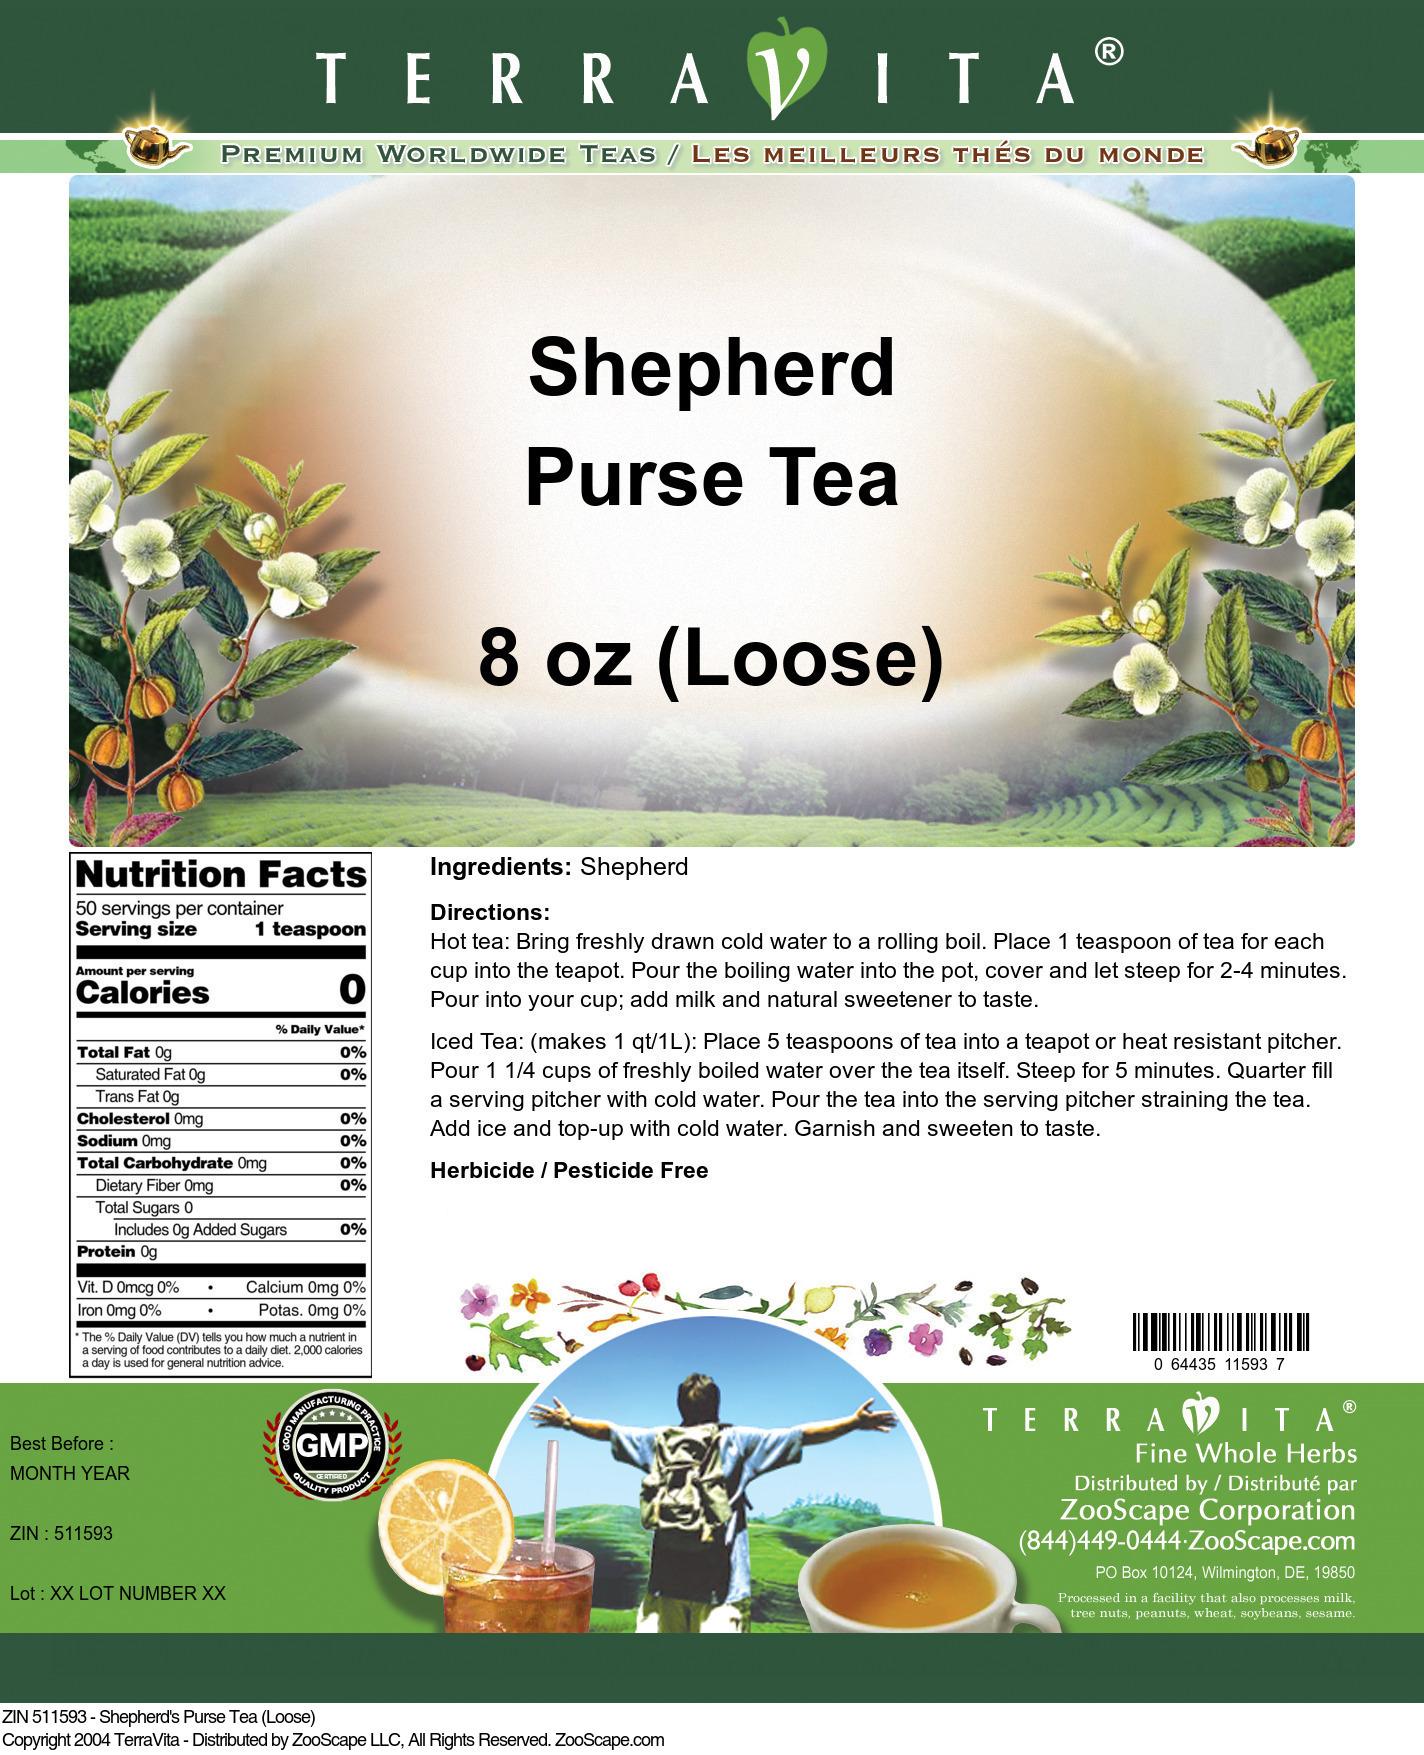 Shepherd's Purse Tea (Loose)